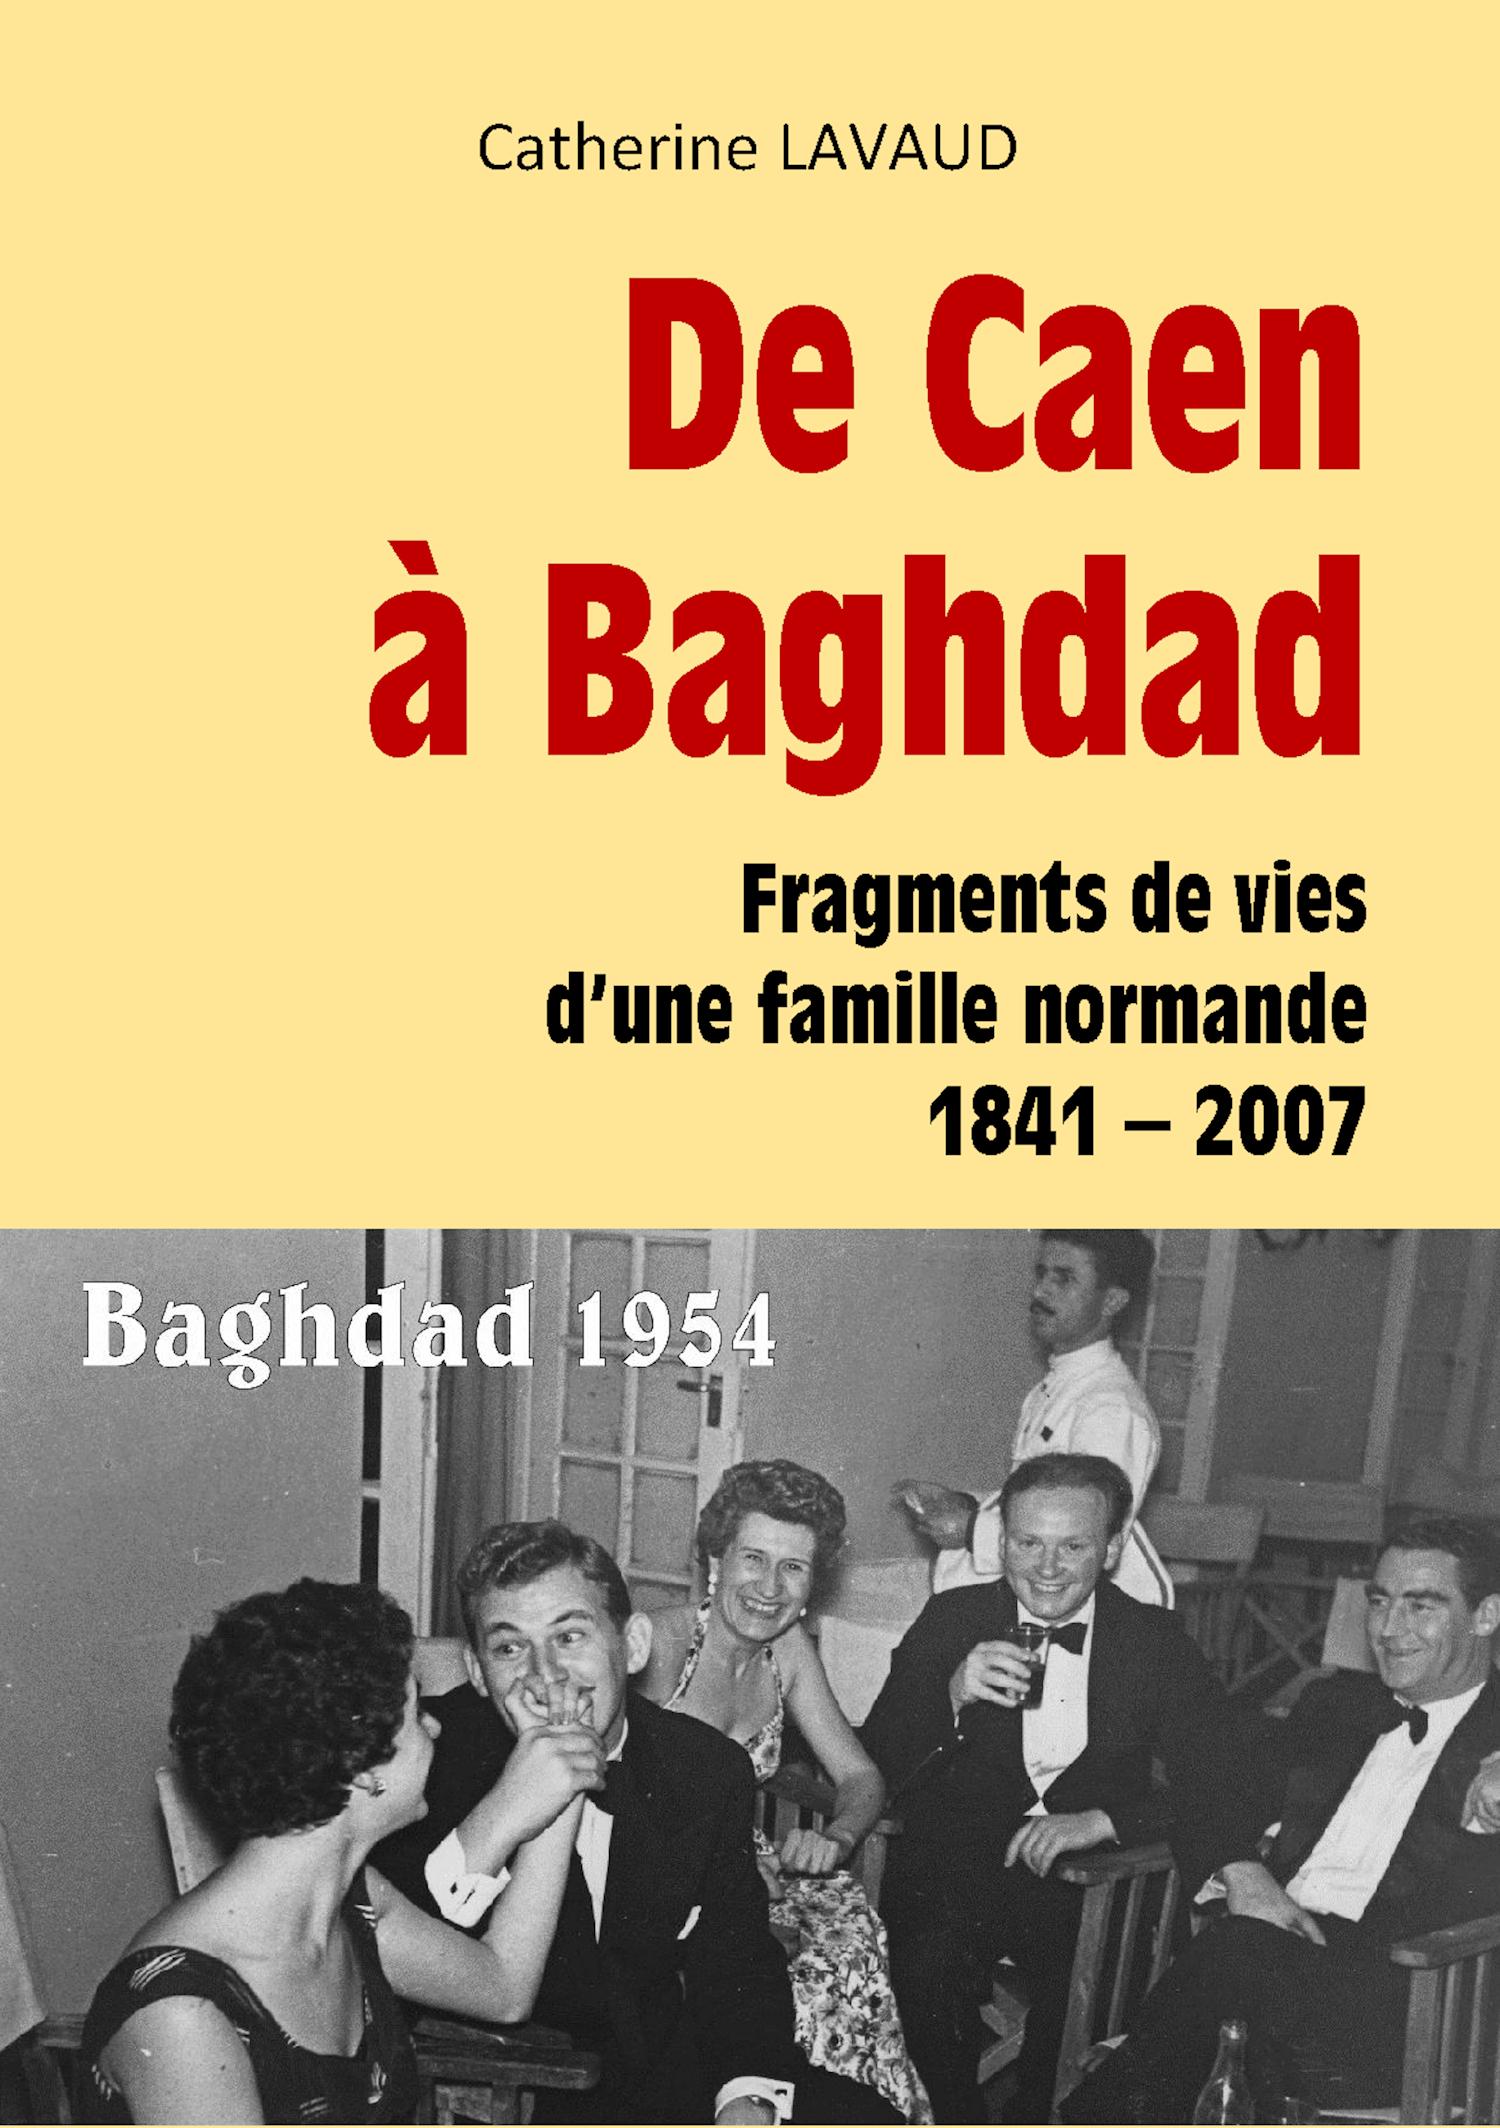 DE CAEN A BAGHDAD - FRAGMENTS DE VIES D'UNE FAMILLE NORMANDE 1841-2007